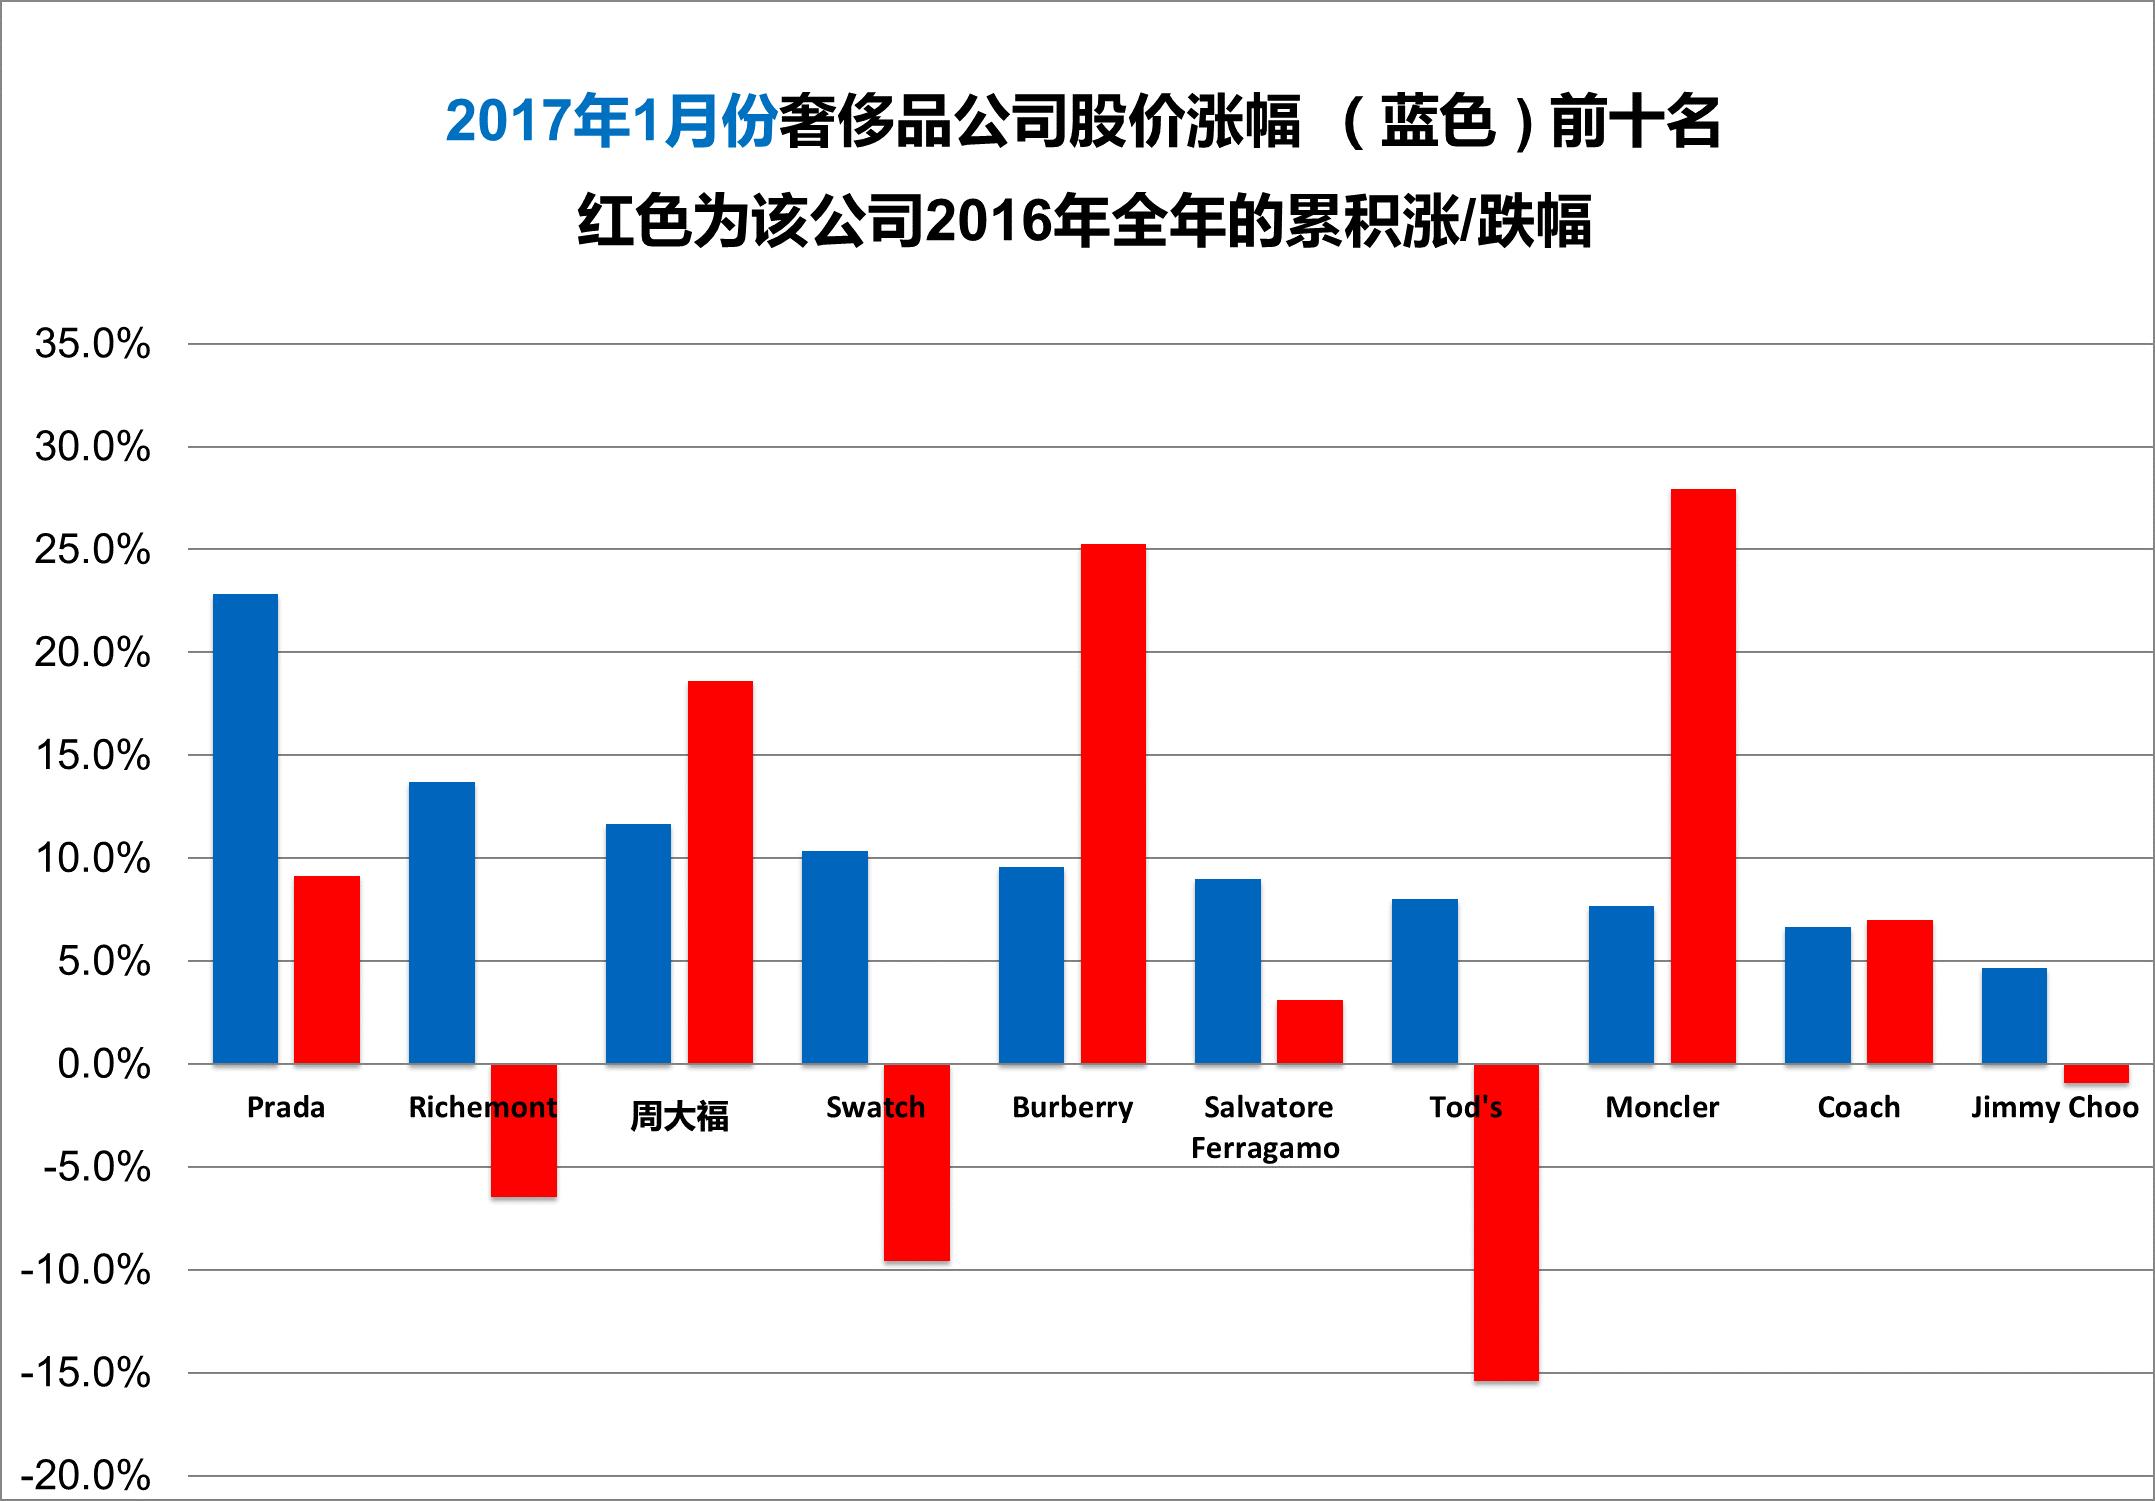 《华丽志》奢侈品股票月度排行榜(2017年1月)